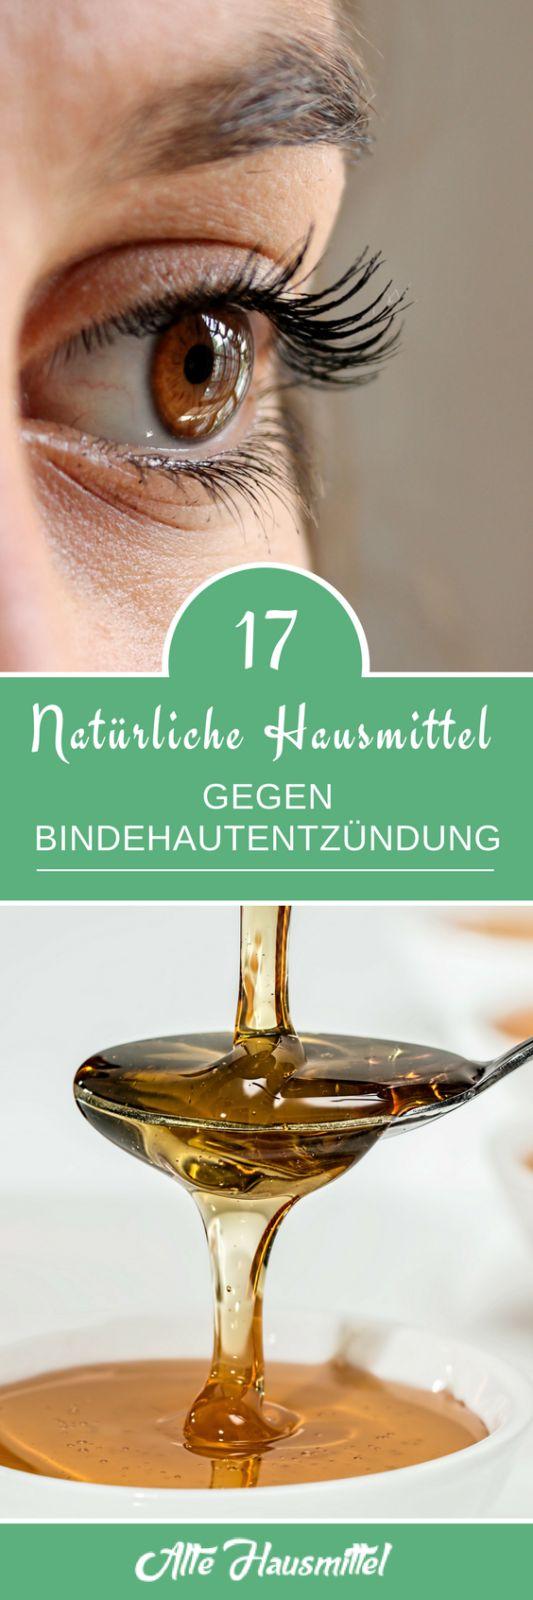 Bindehautentzündung natürlich bekämpfen - In diesem Artikel stellen wir Ihnen 17 natürliche und effektive Hausmittel gegen Bindehautentzündung vor.